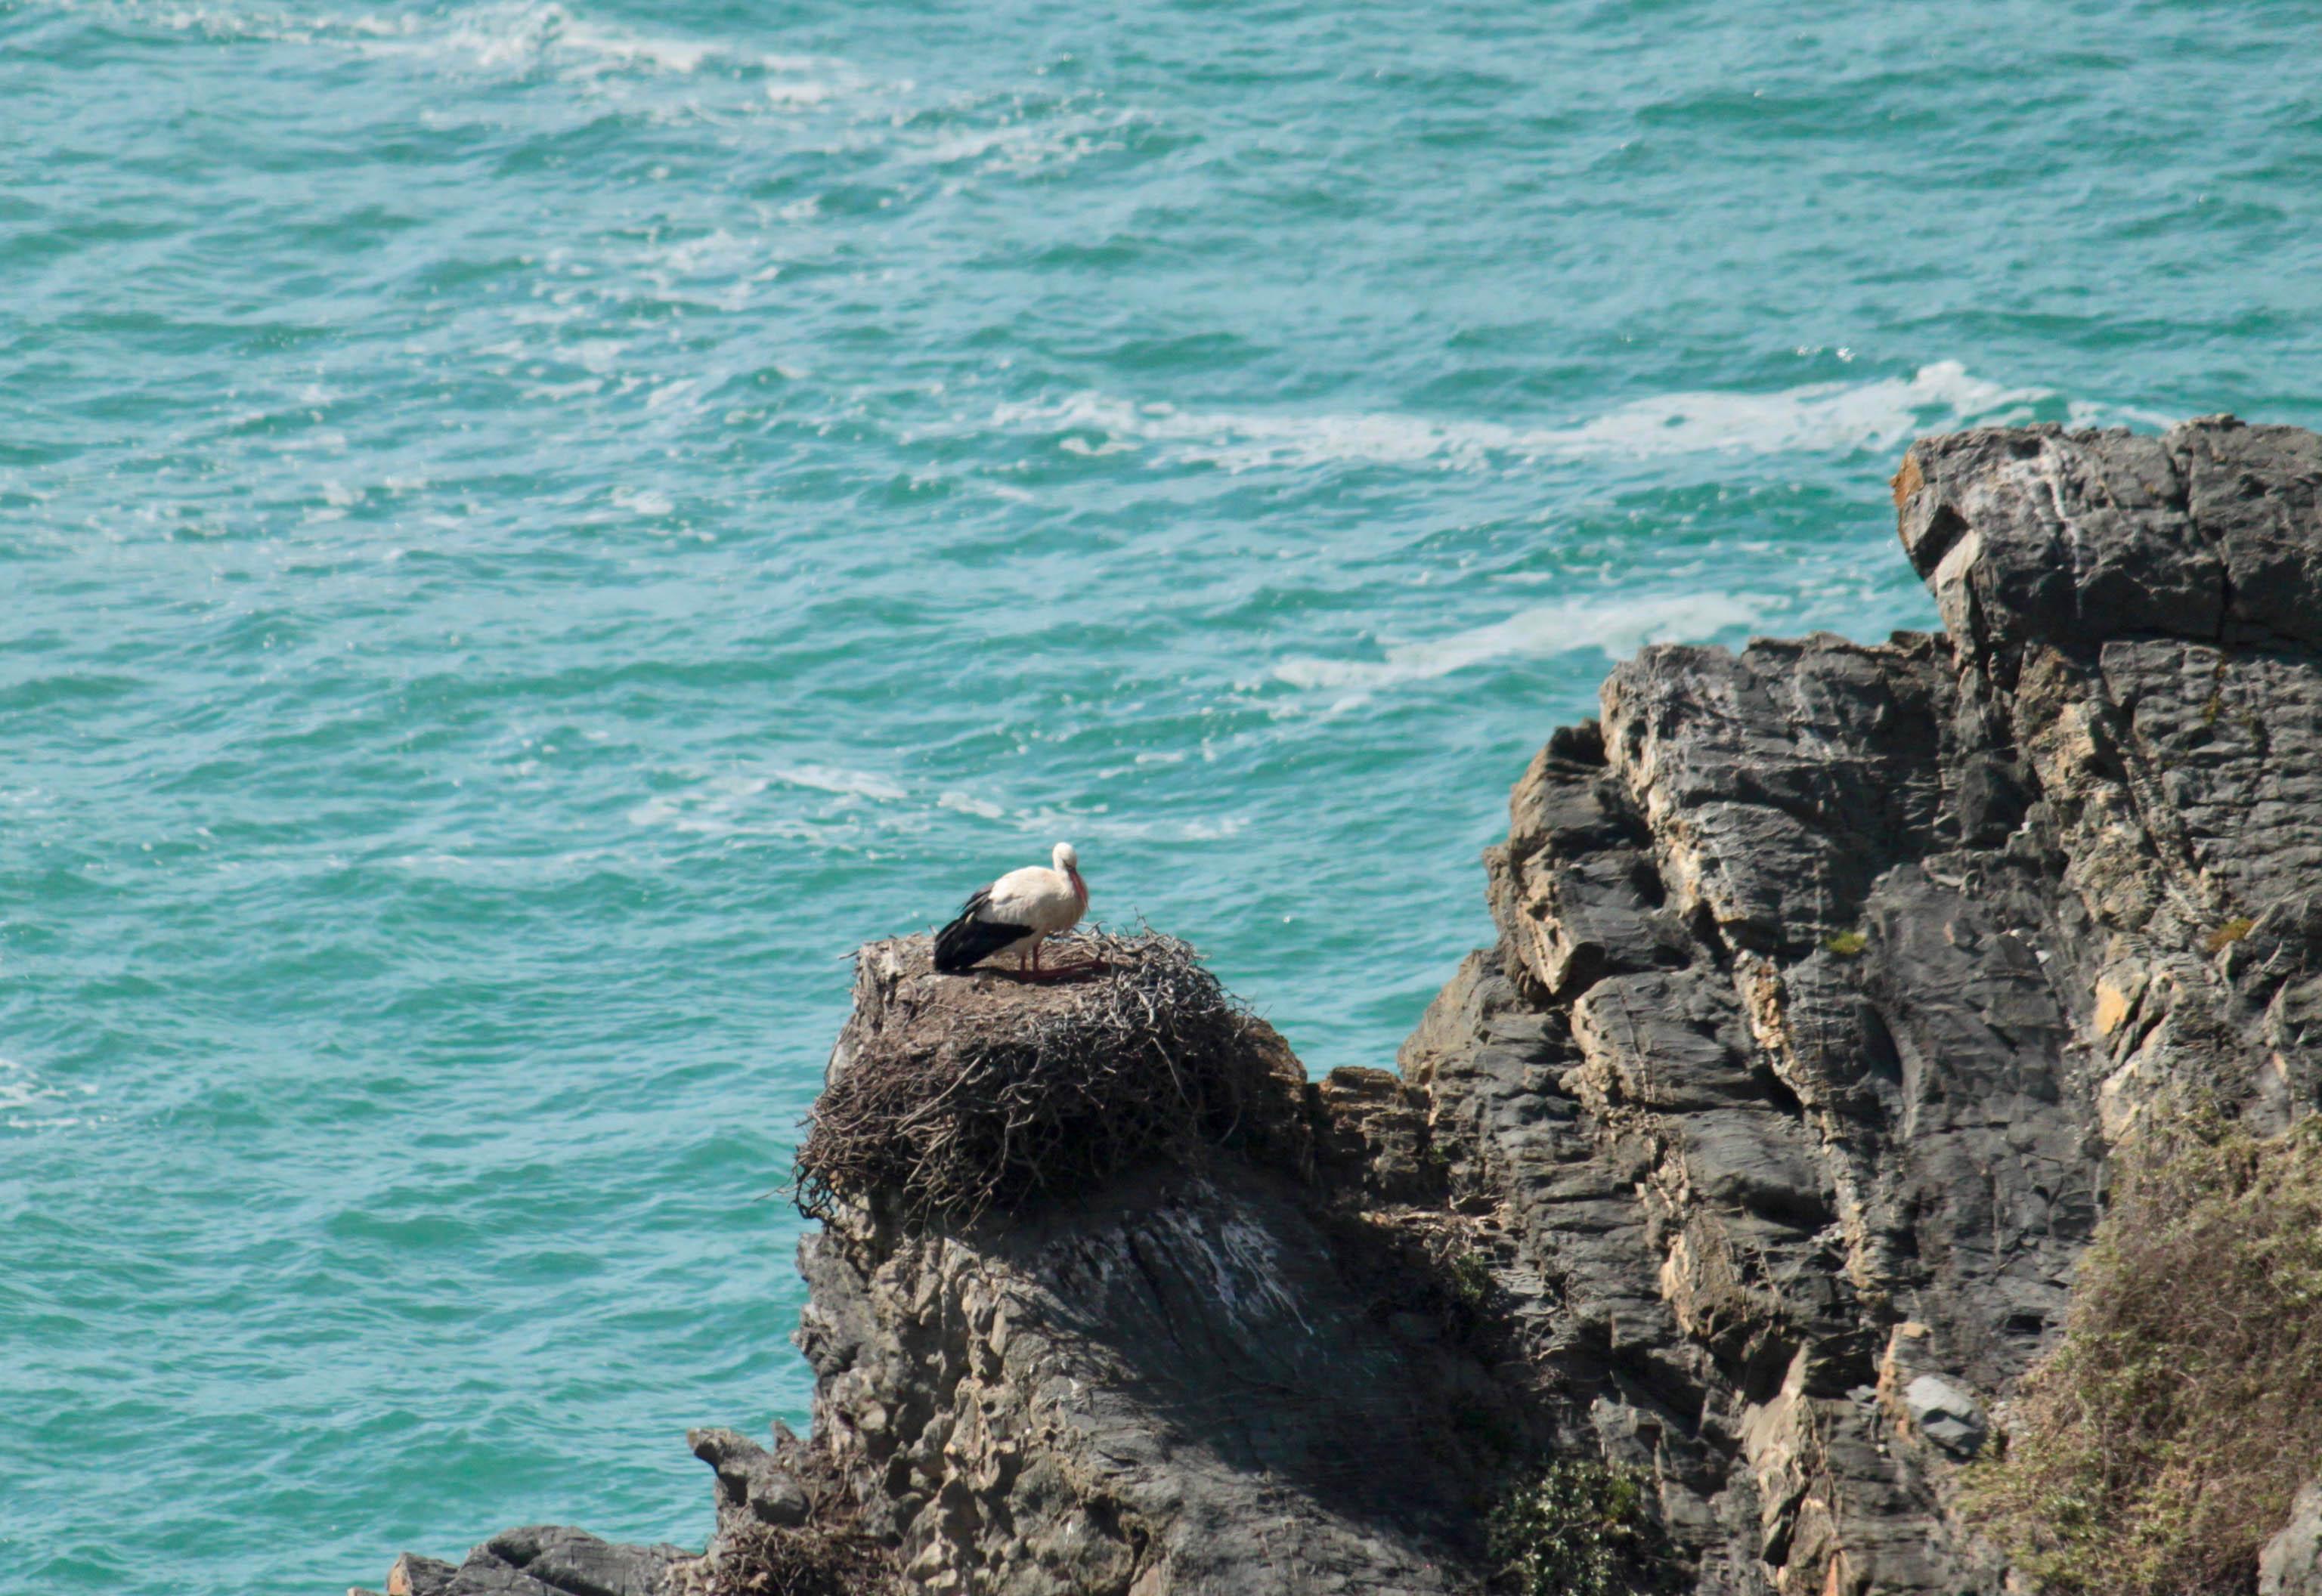 Stork Fisherman's Trail Portugal